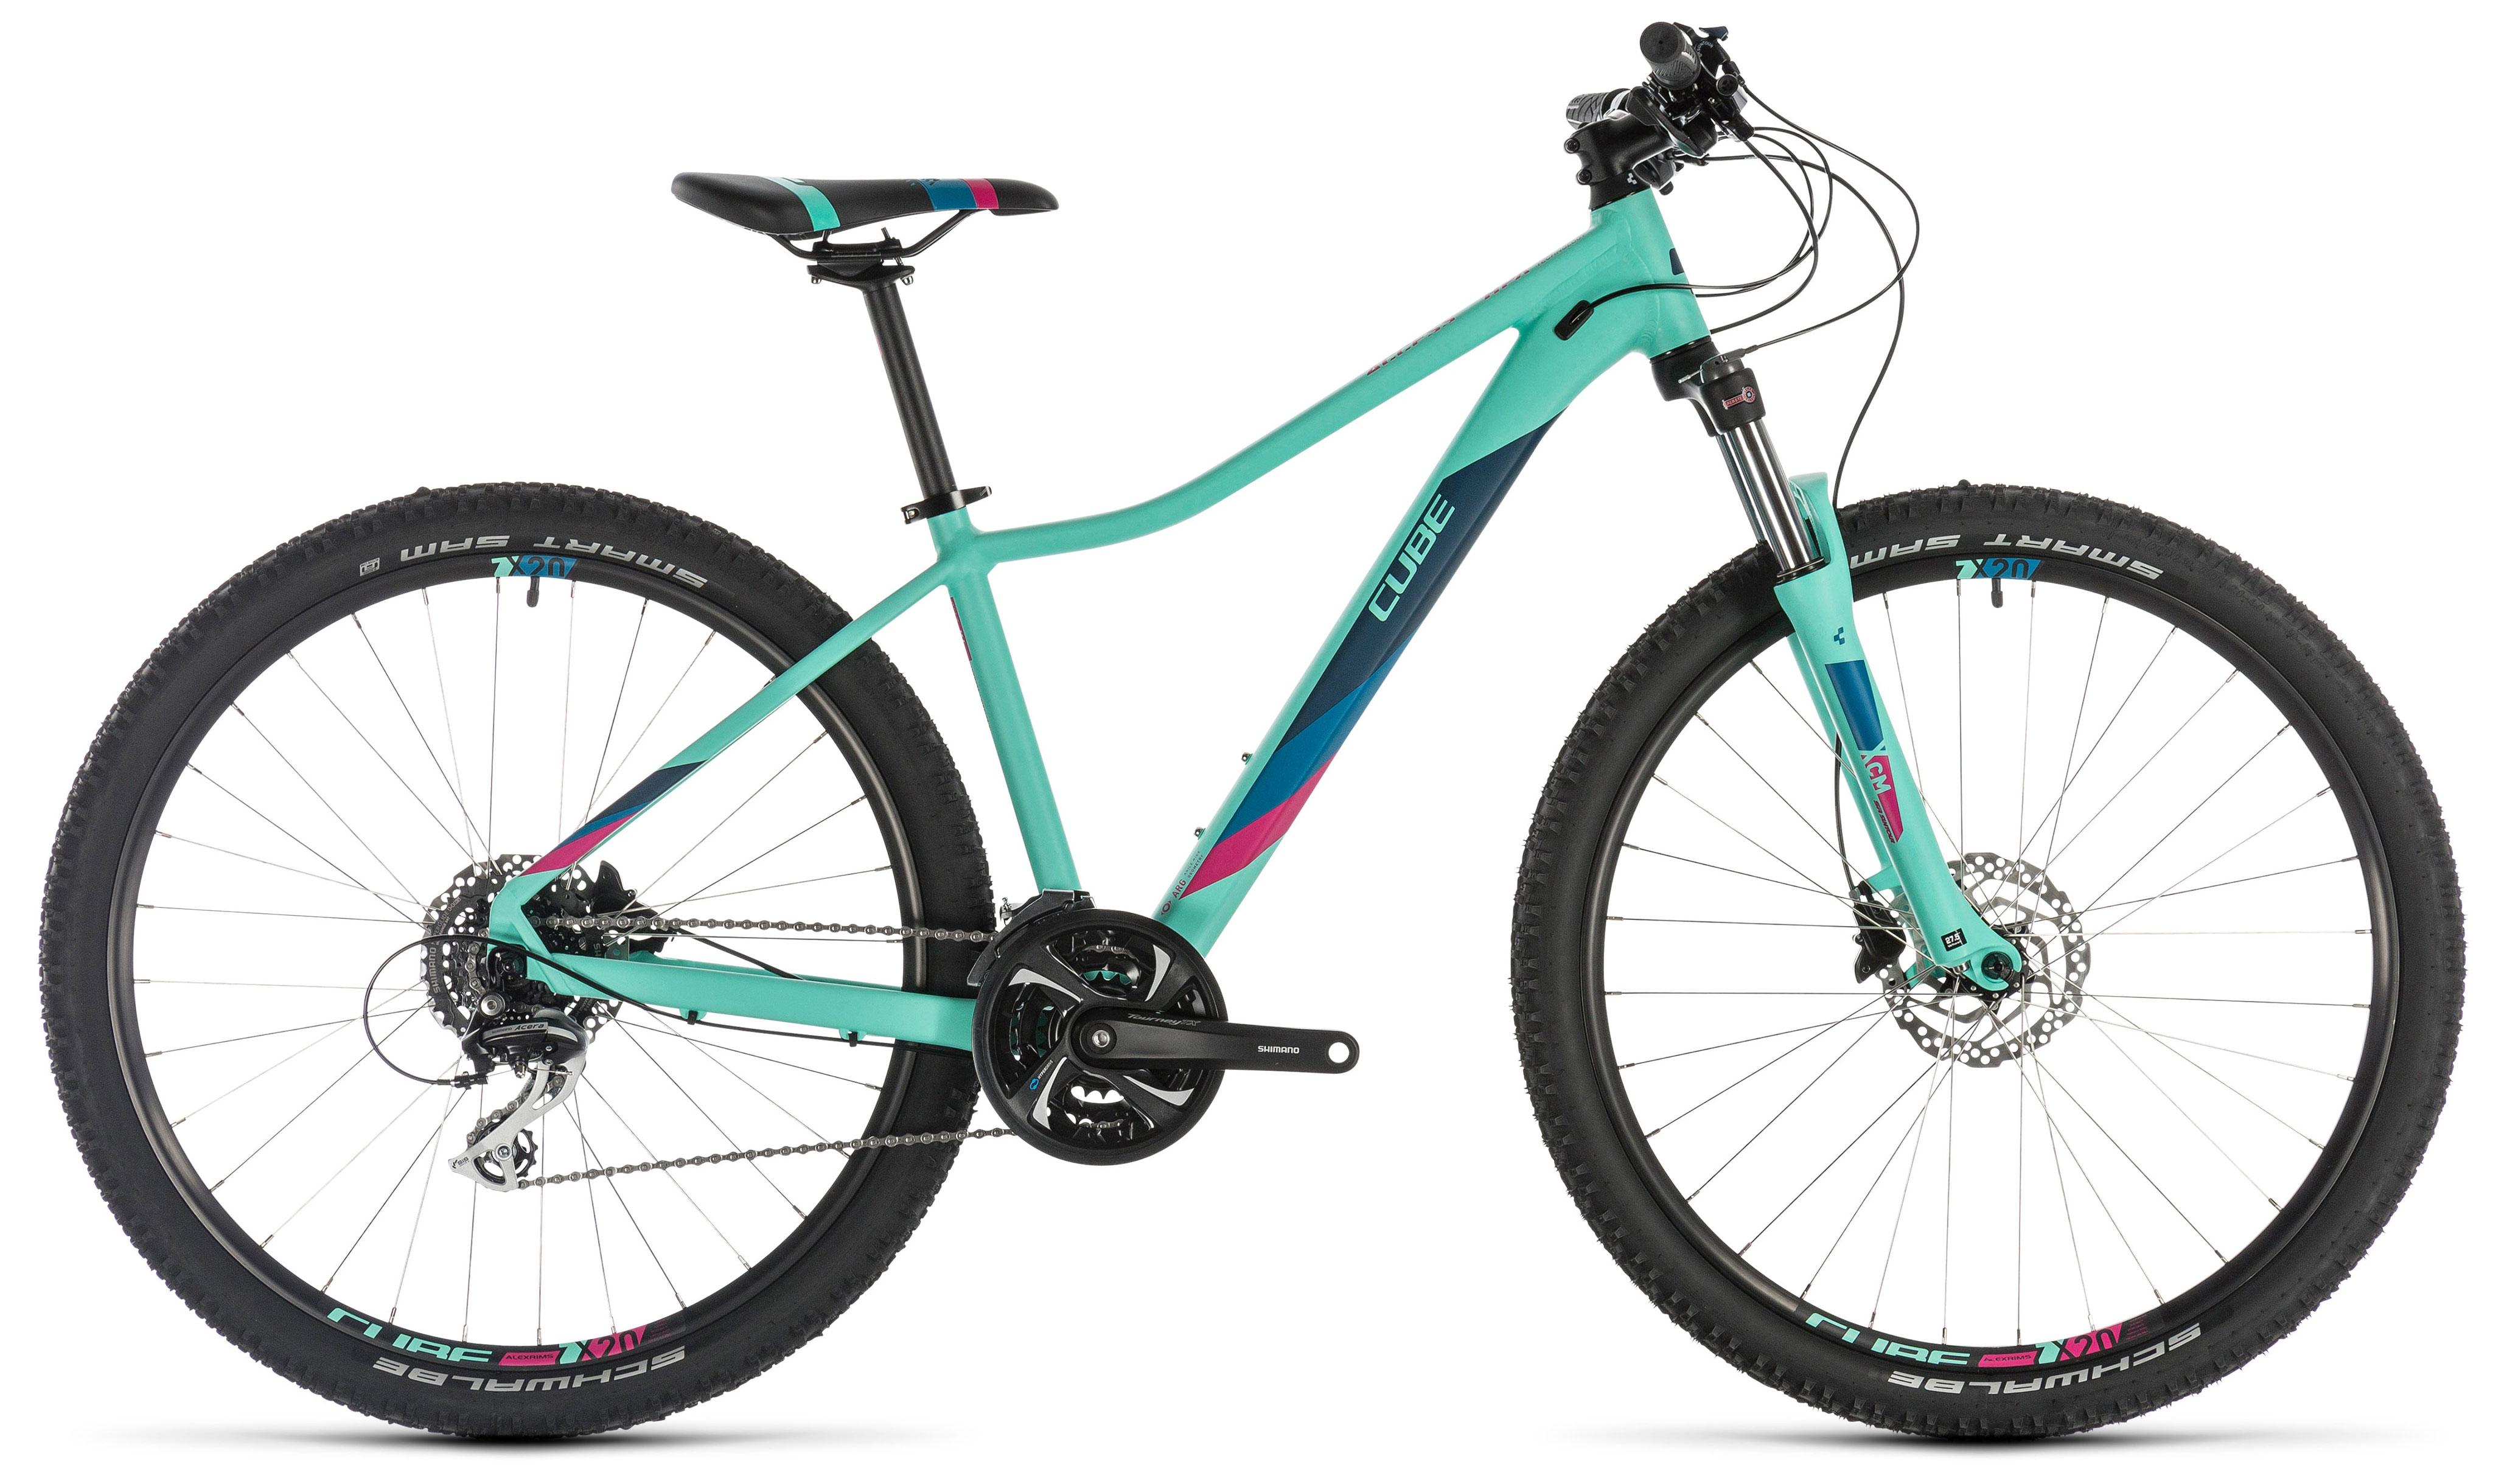 Велосипед Cube Access WS EXC 27.5 2019 велосипед cube access 200 allroad 2019